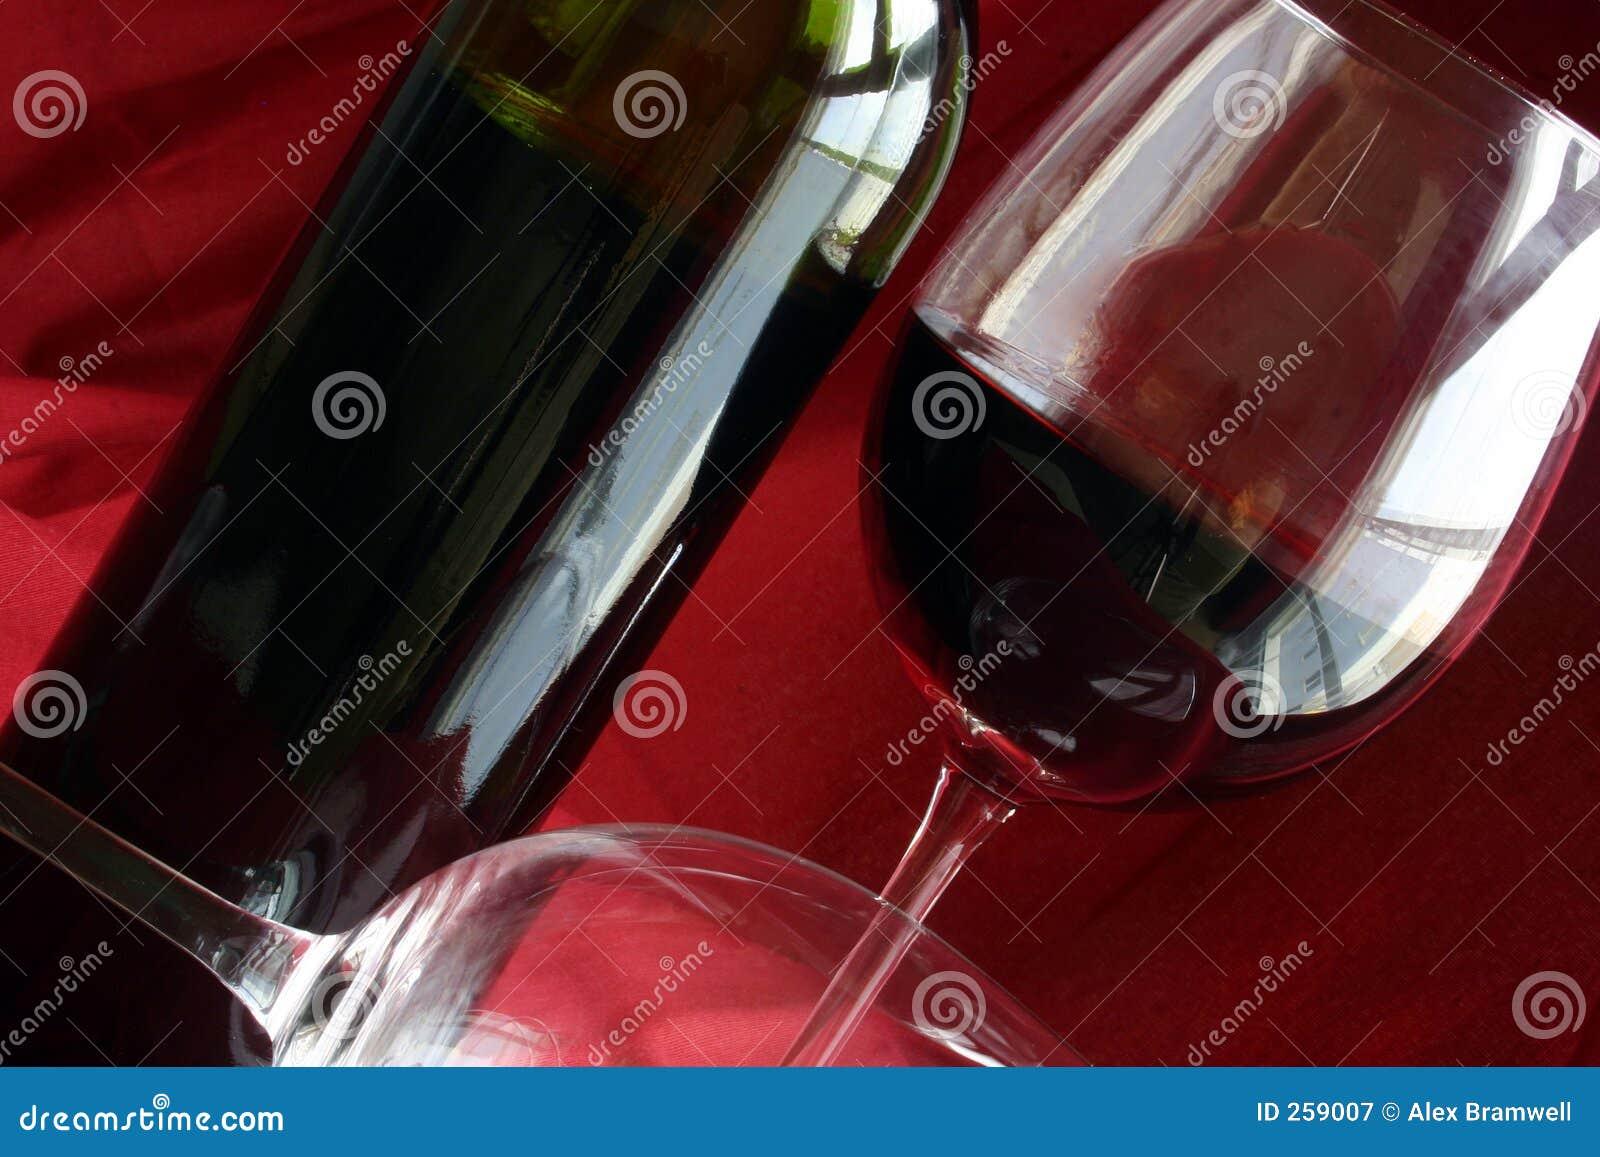 Wine Life 2